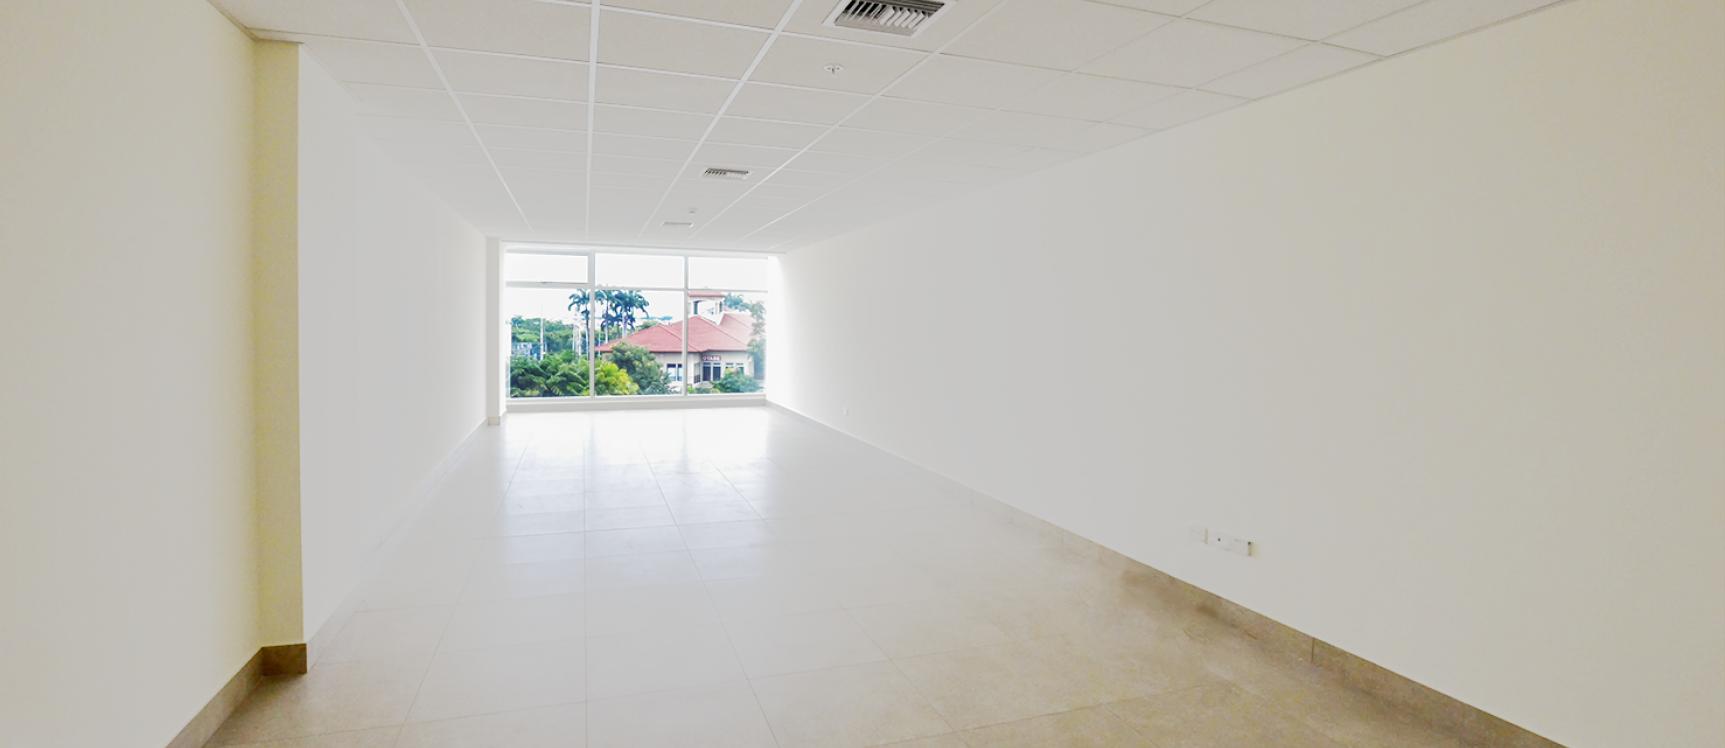 GeoBienes - Oficina en alquiler en Los Arcos Plaza sector Samborondón - Plusvalia Guayaquil Casas de venta y alquiler Inmobiliaria Ecuador